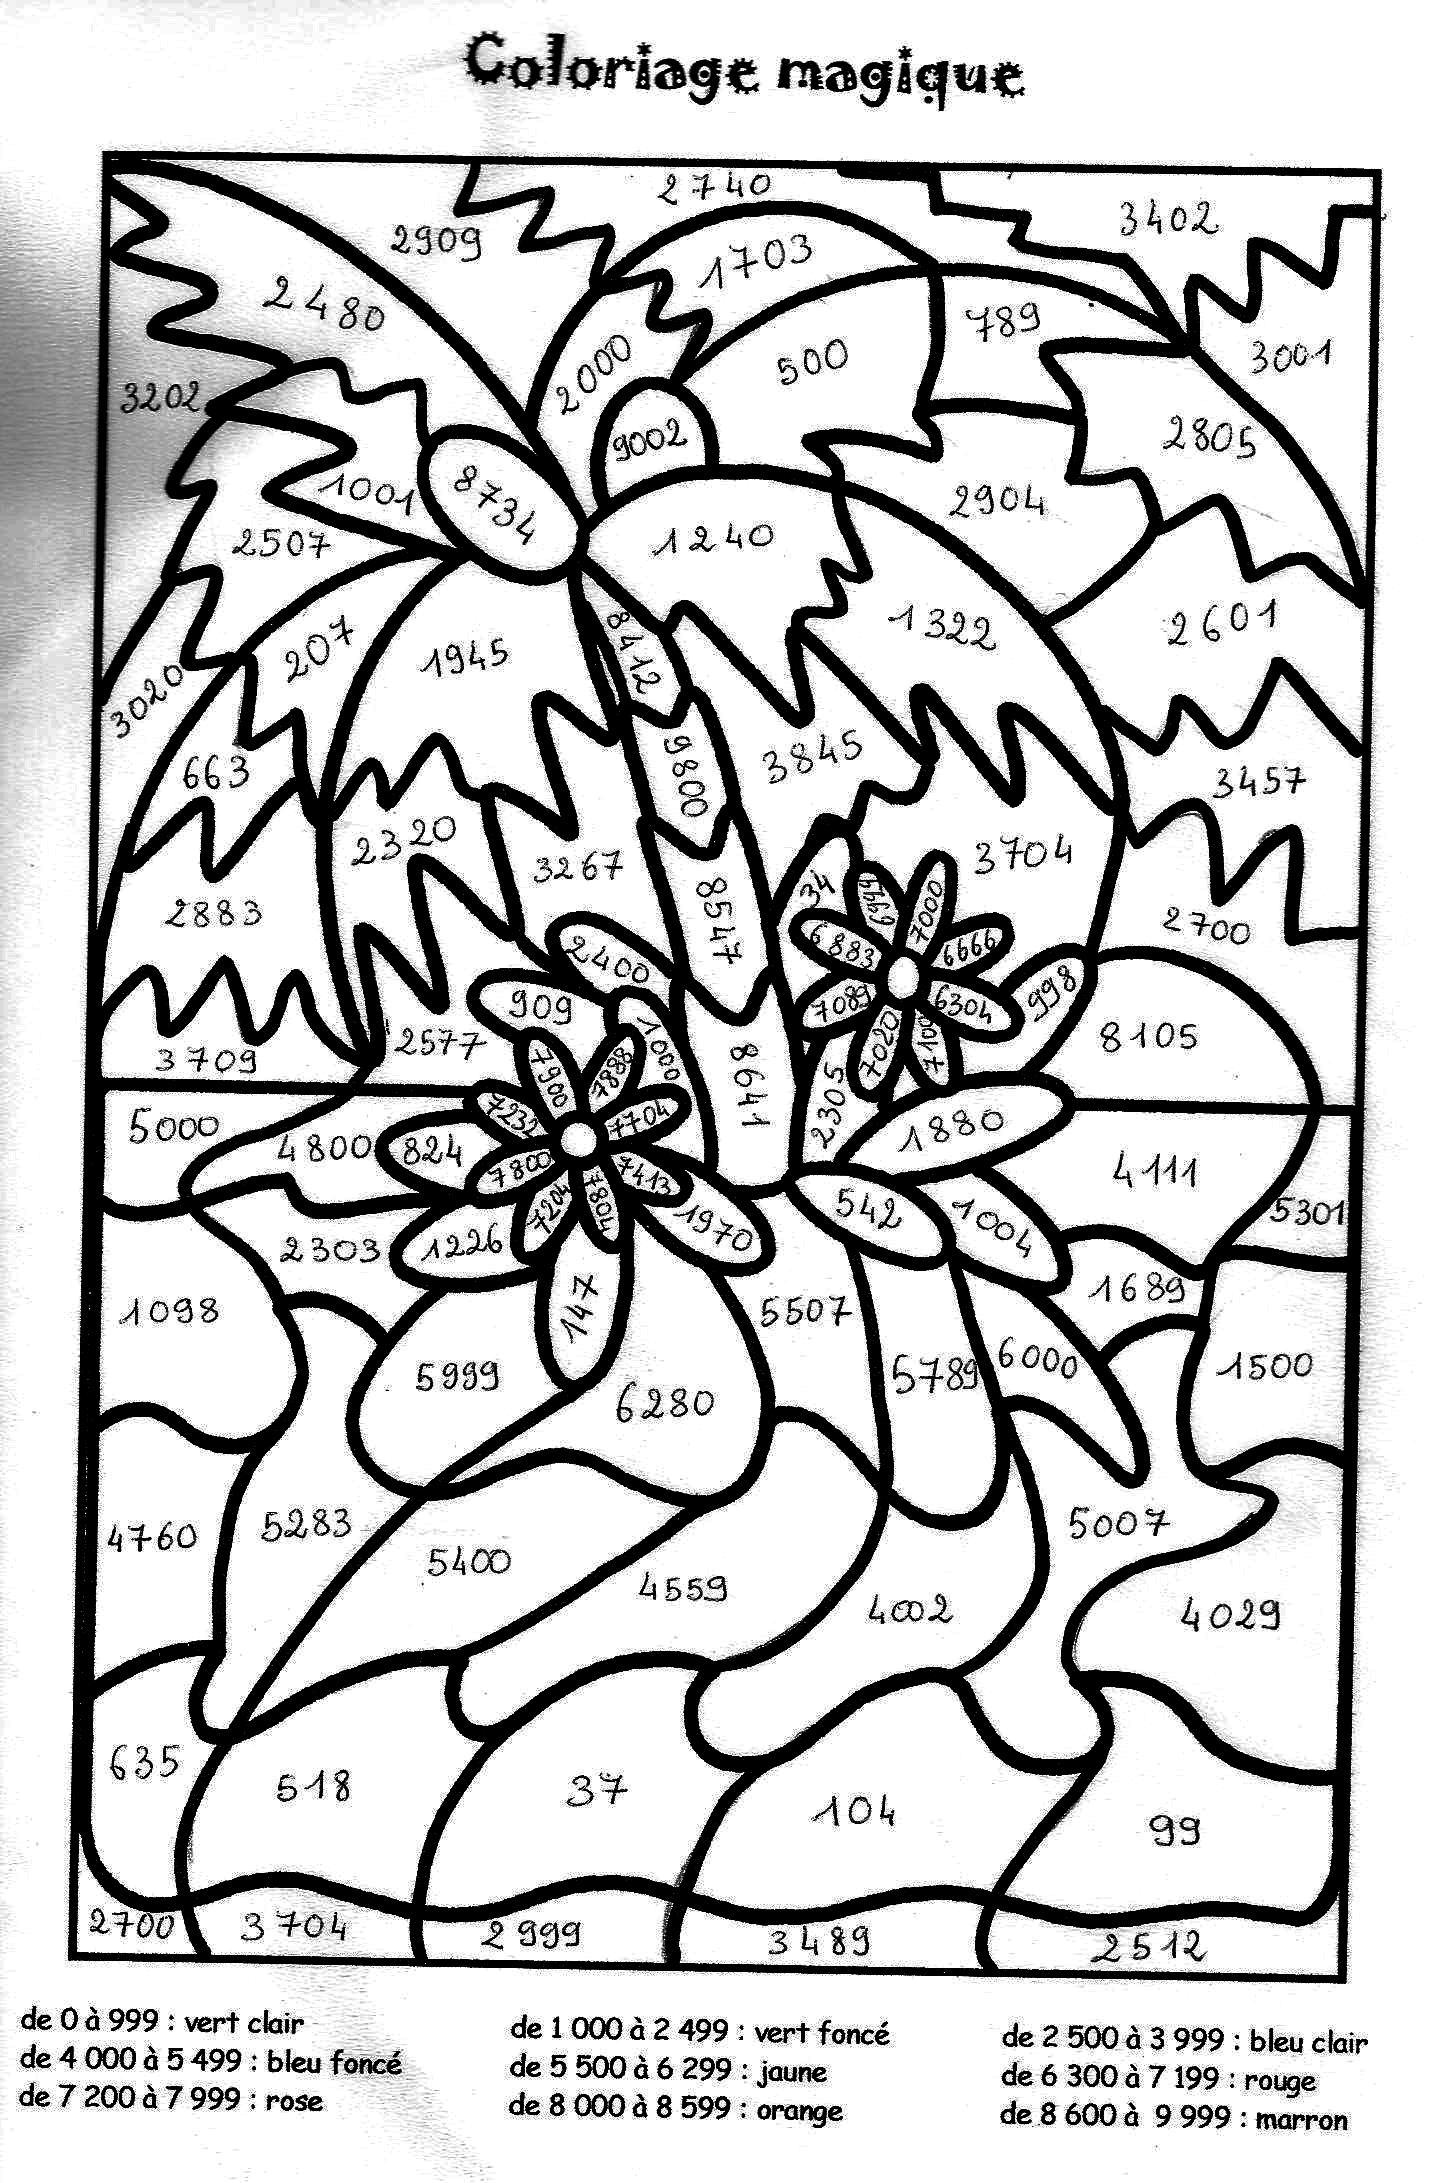 Coloriage Magique Paques Multiplication dedans Coloriage Magique Paques Imprimer